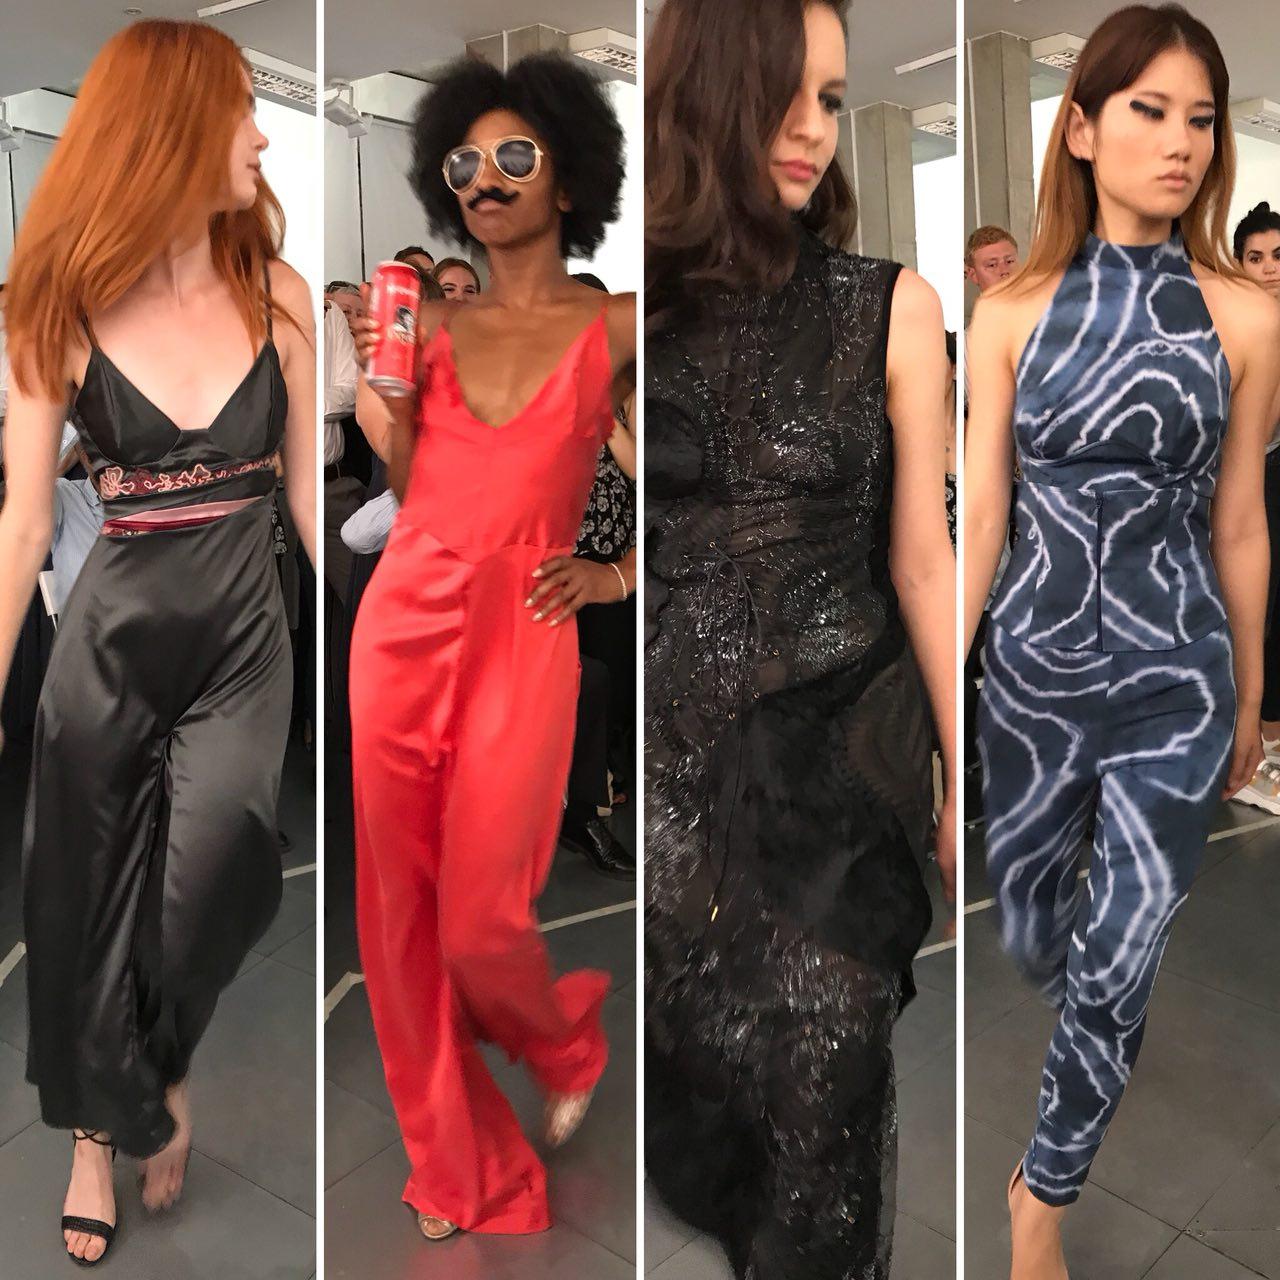 LCF BA Fashion Contour 2018 catwalk images